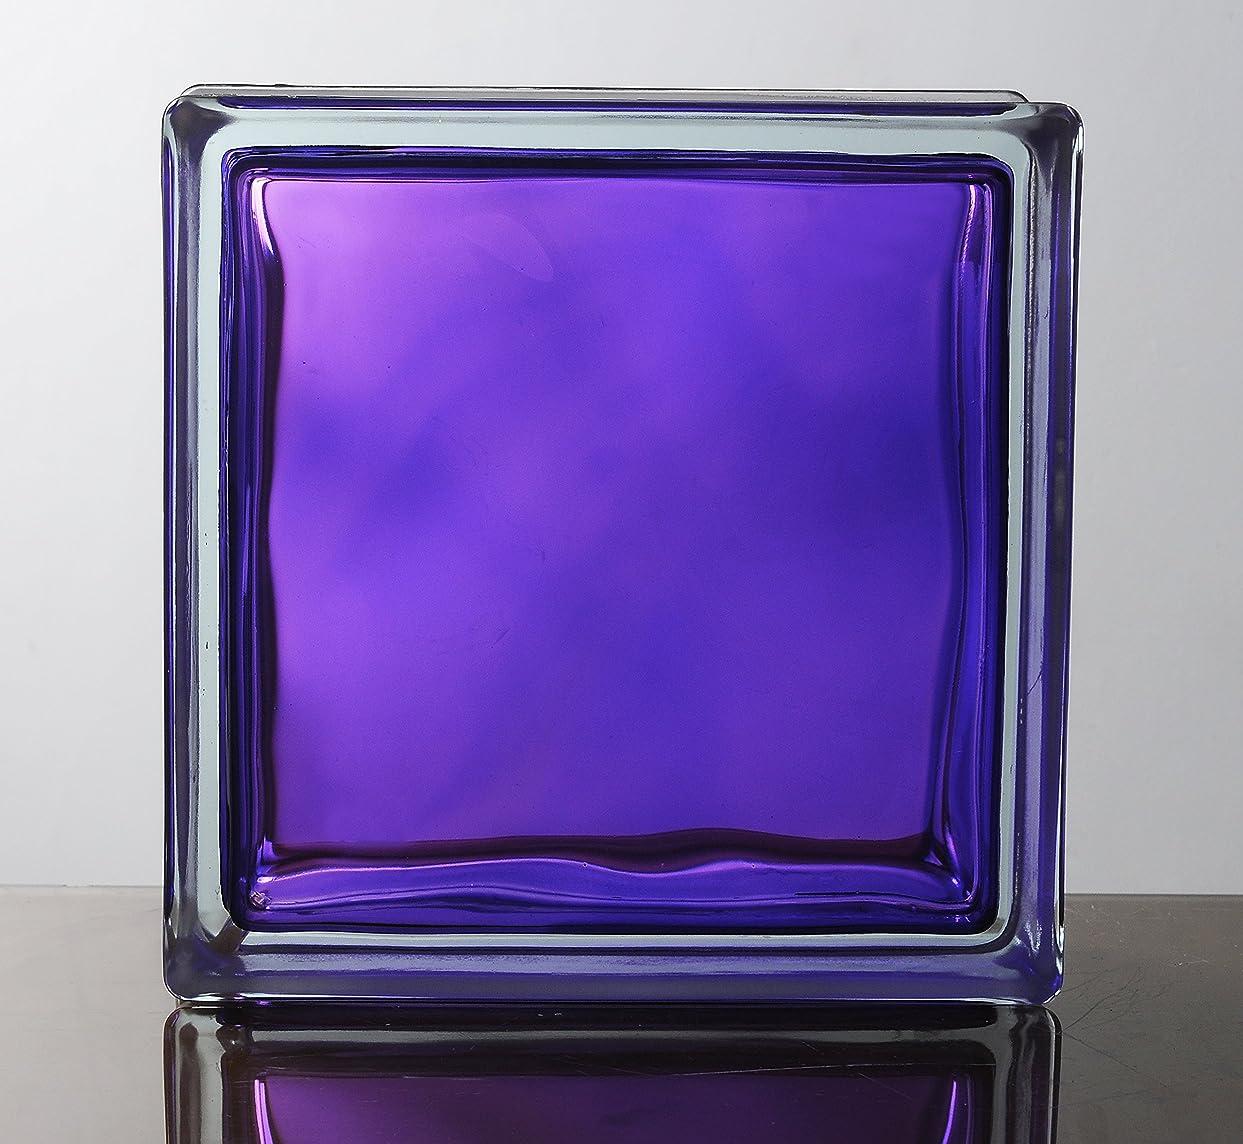 貨物構想する経営者ガラスブロック ◆◆◆デザイン豊富20種類◆◆◆(カラーシリーズ) 190mm角×80mm厚 (6個セット(1ケース), In Colored Purple)